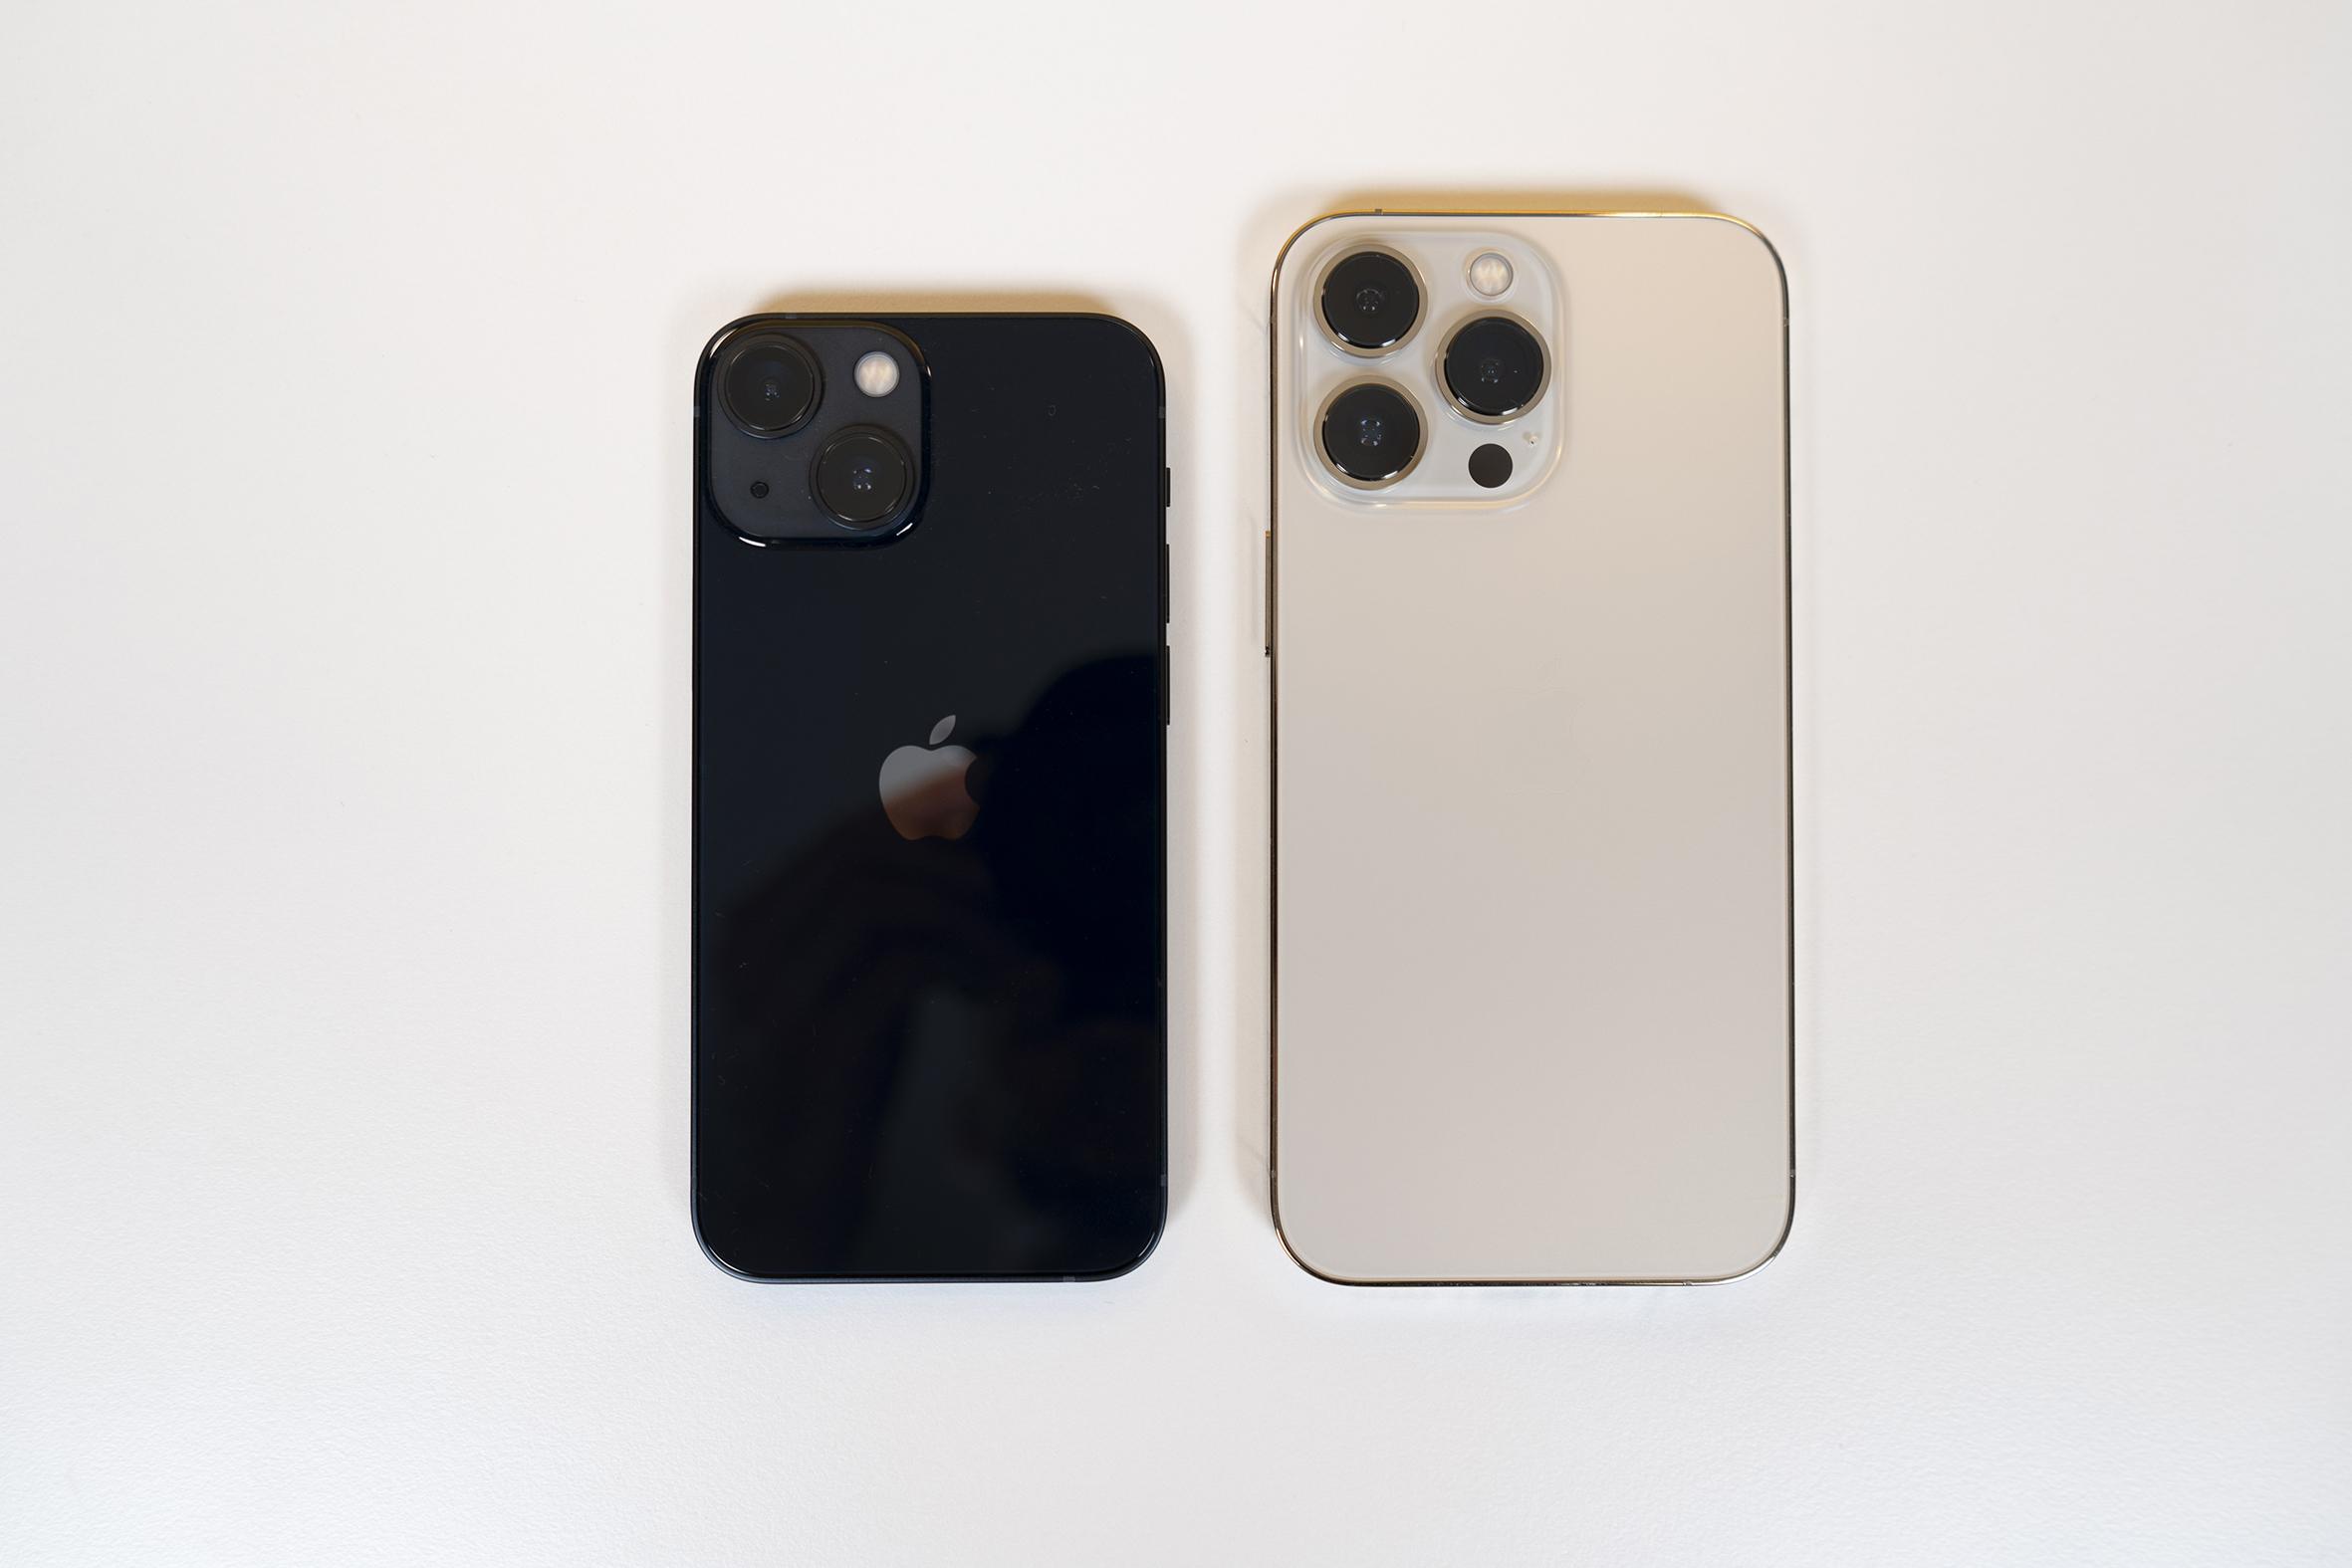 Schwarzes kleineres iPhone neben größerem hellem modell auf weißem Hintergrund